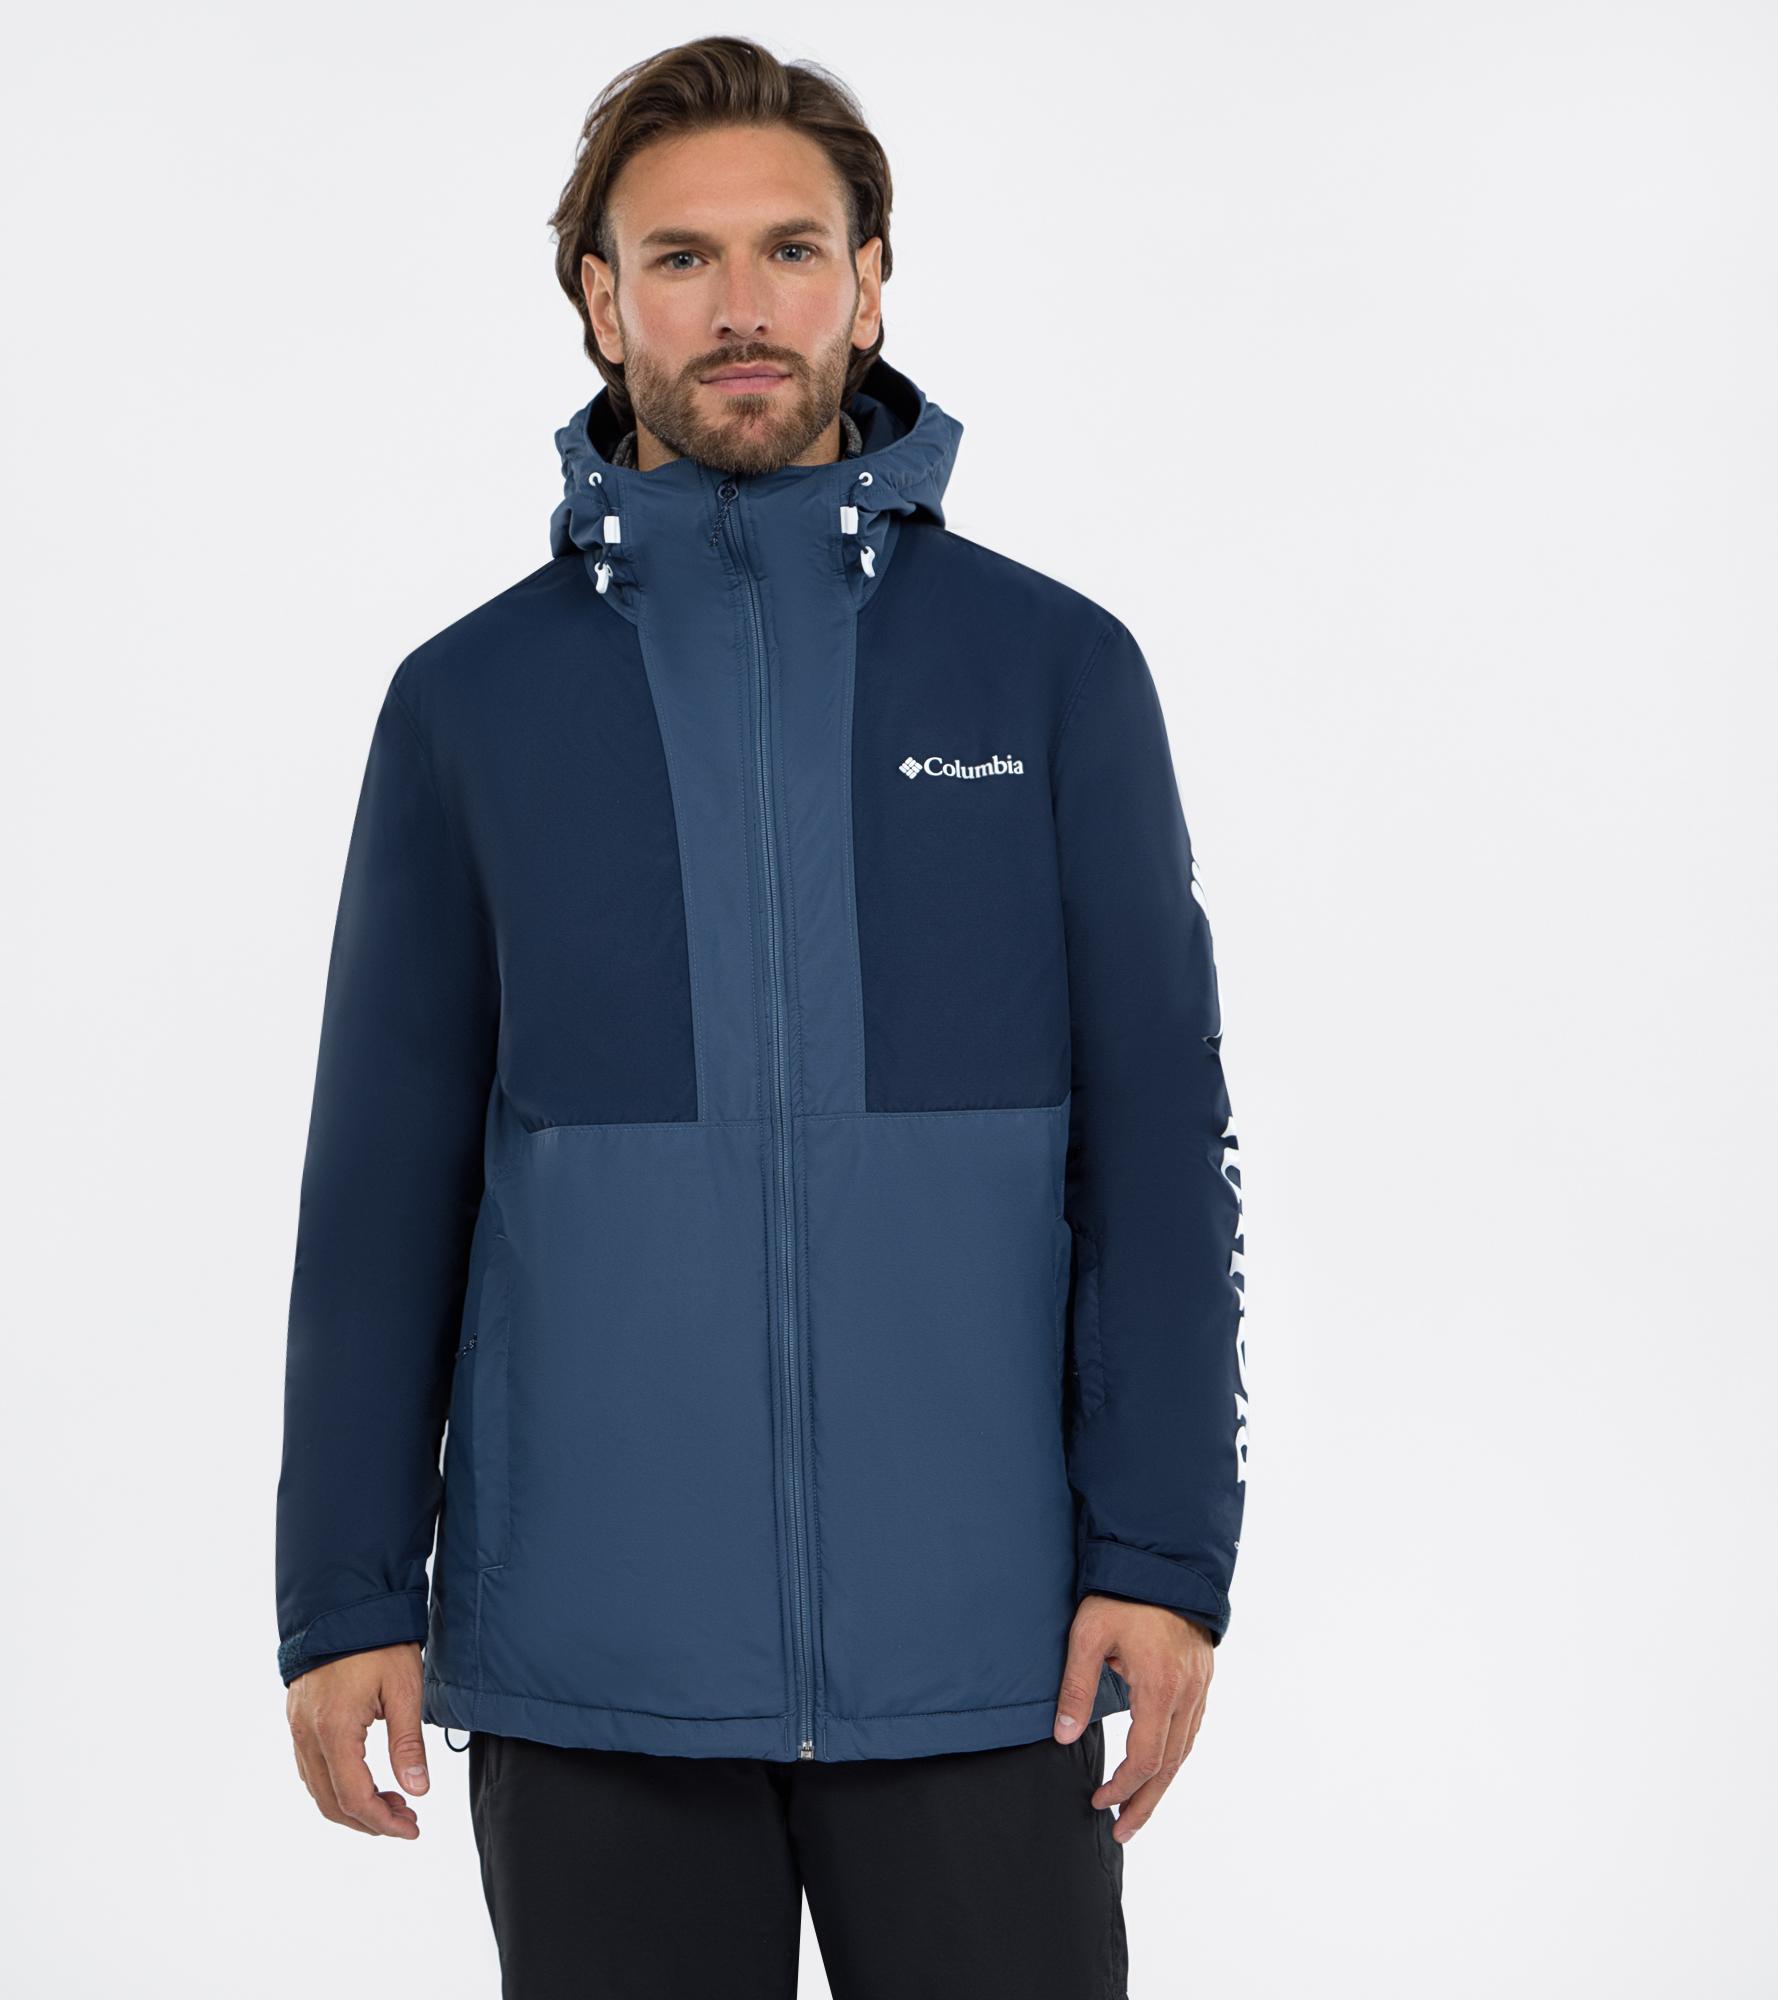 Columbia Куртка утепленная мужская Timberturner, размер 52-54